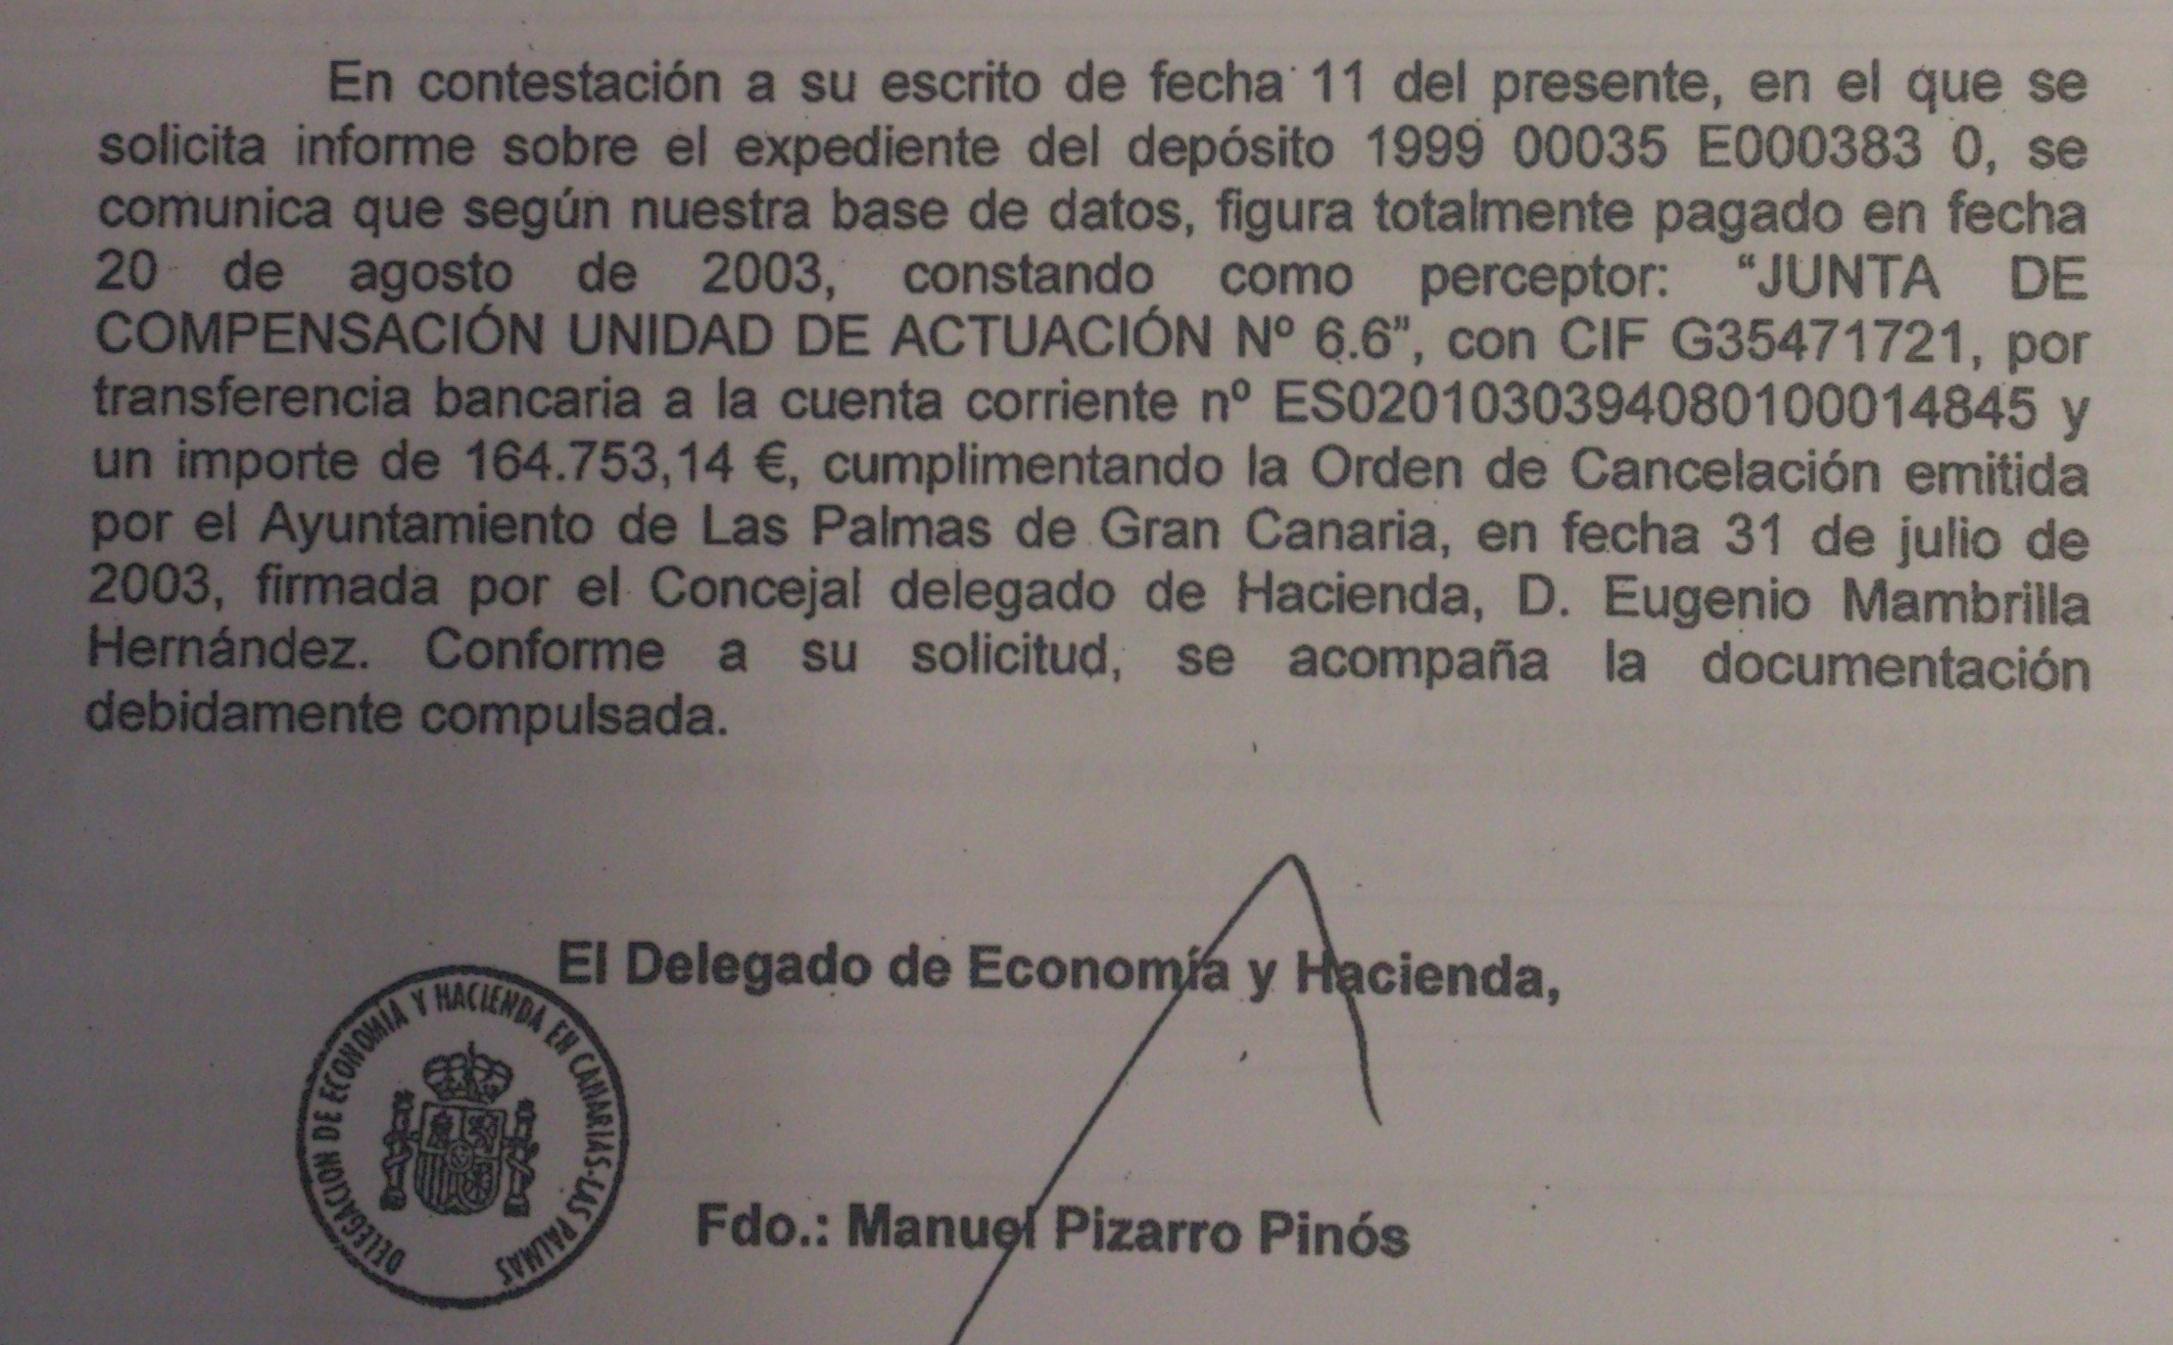 Comunicación del Ministerio de Hacienda informando quién canceló el depósito de Gloria y quién fue el perceptor del dinero.